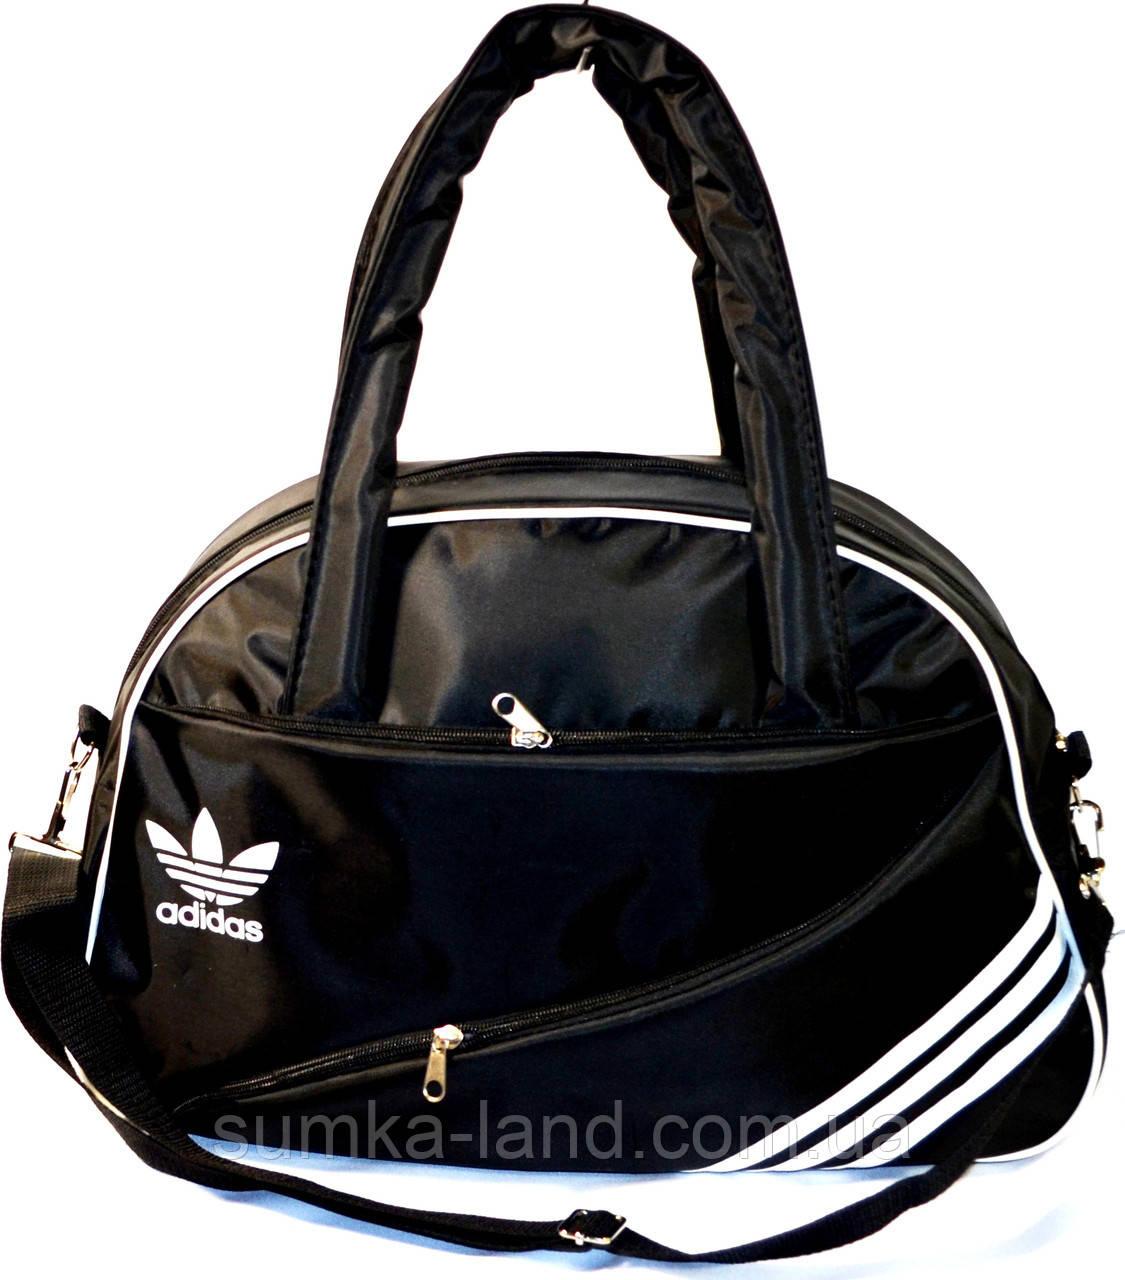 Спортивная сумка Adidas (черный с белым)